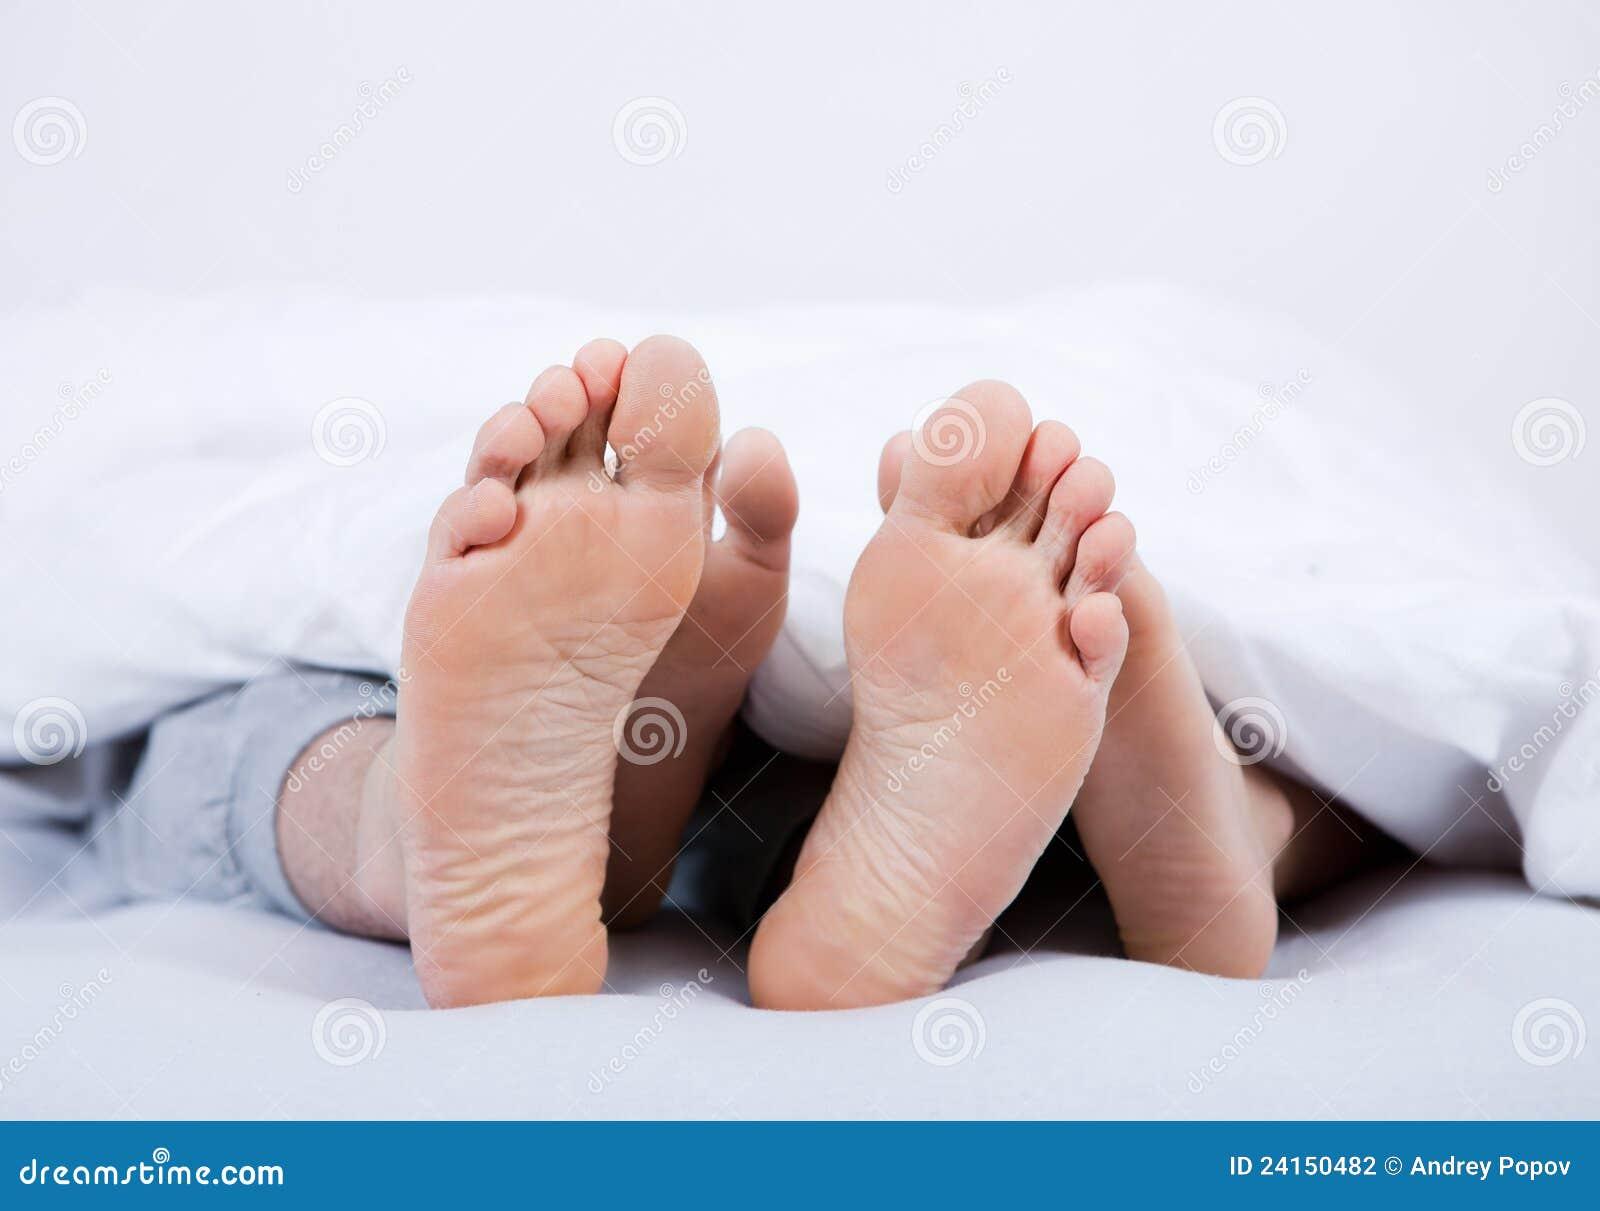 pieds d 39 un couple sous la couverture photo stock image du femelle caucasien 24150482. Black Bedroom Furniture Sets. Home Design Ideas